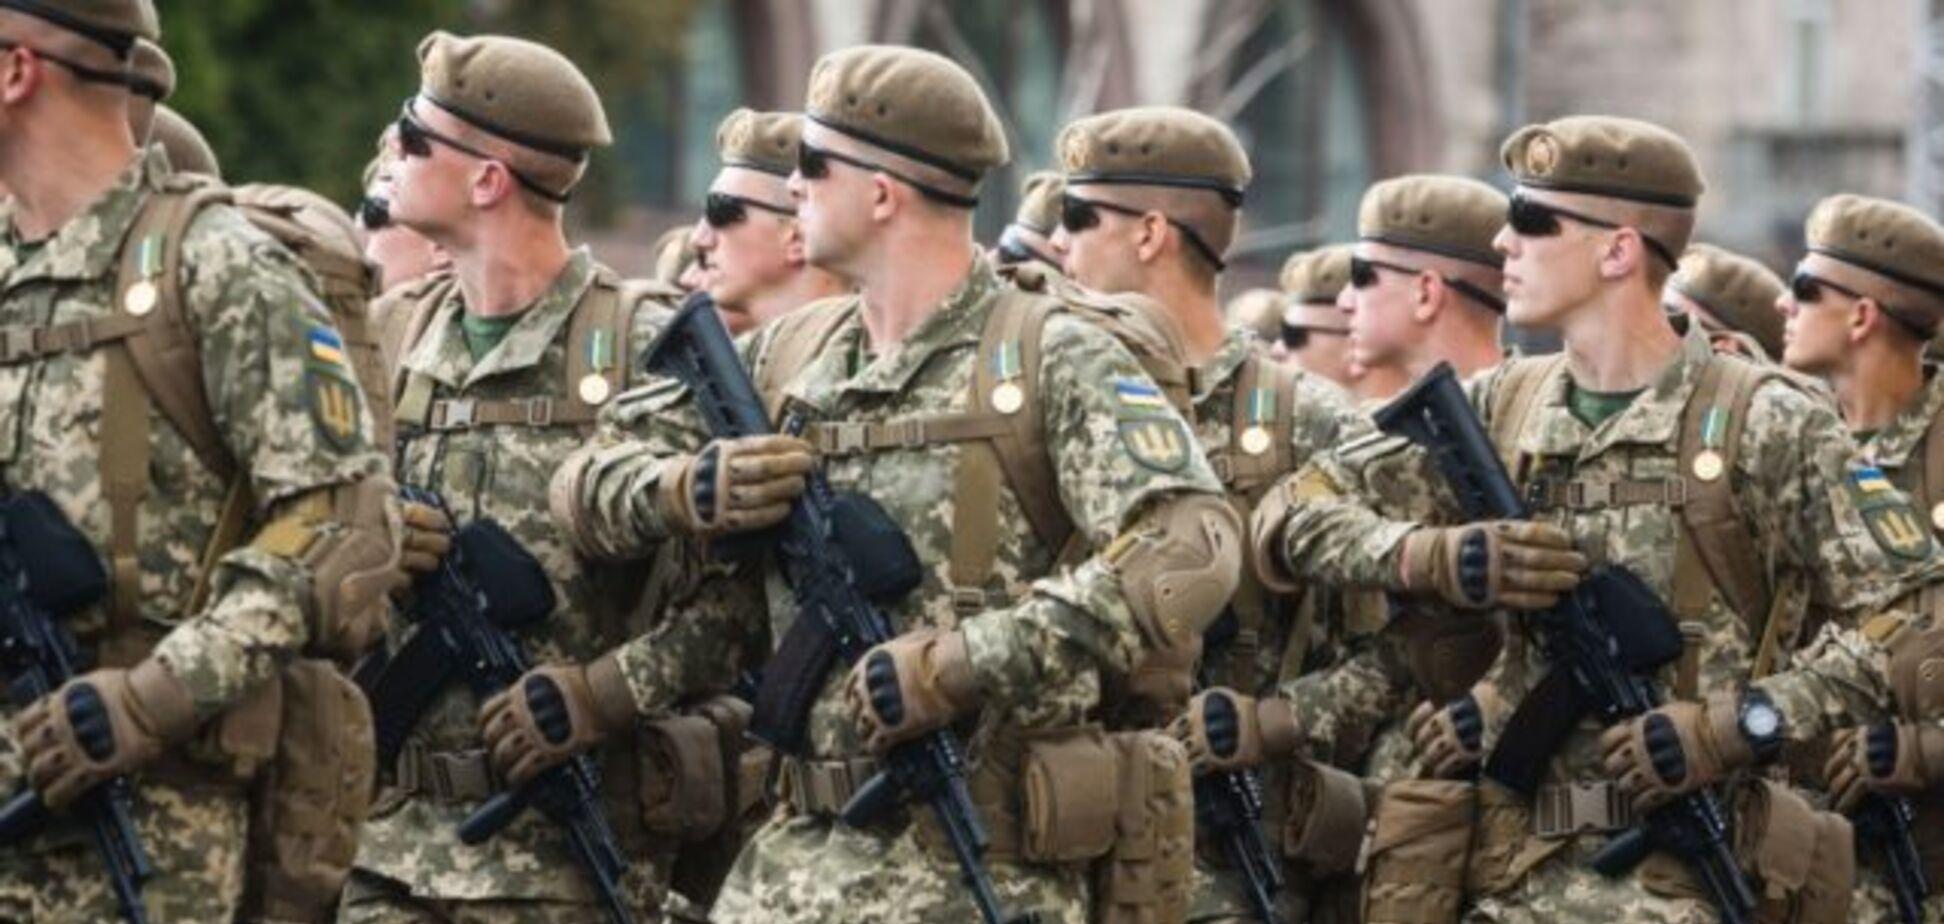 'Выглядит очень мутно!' Выяснились новые детали о возможных переговорах с 'Л/ДНР'